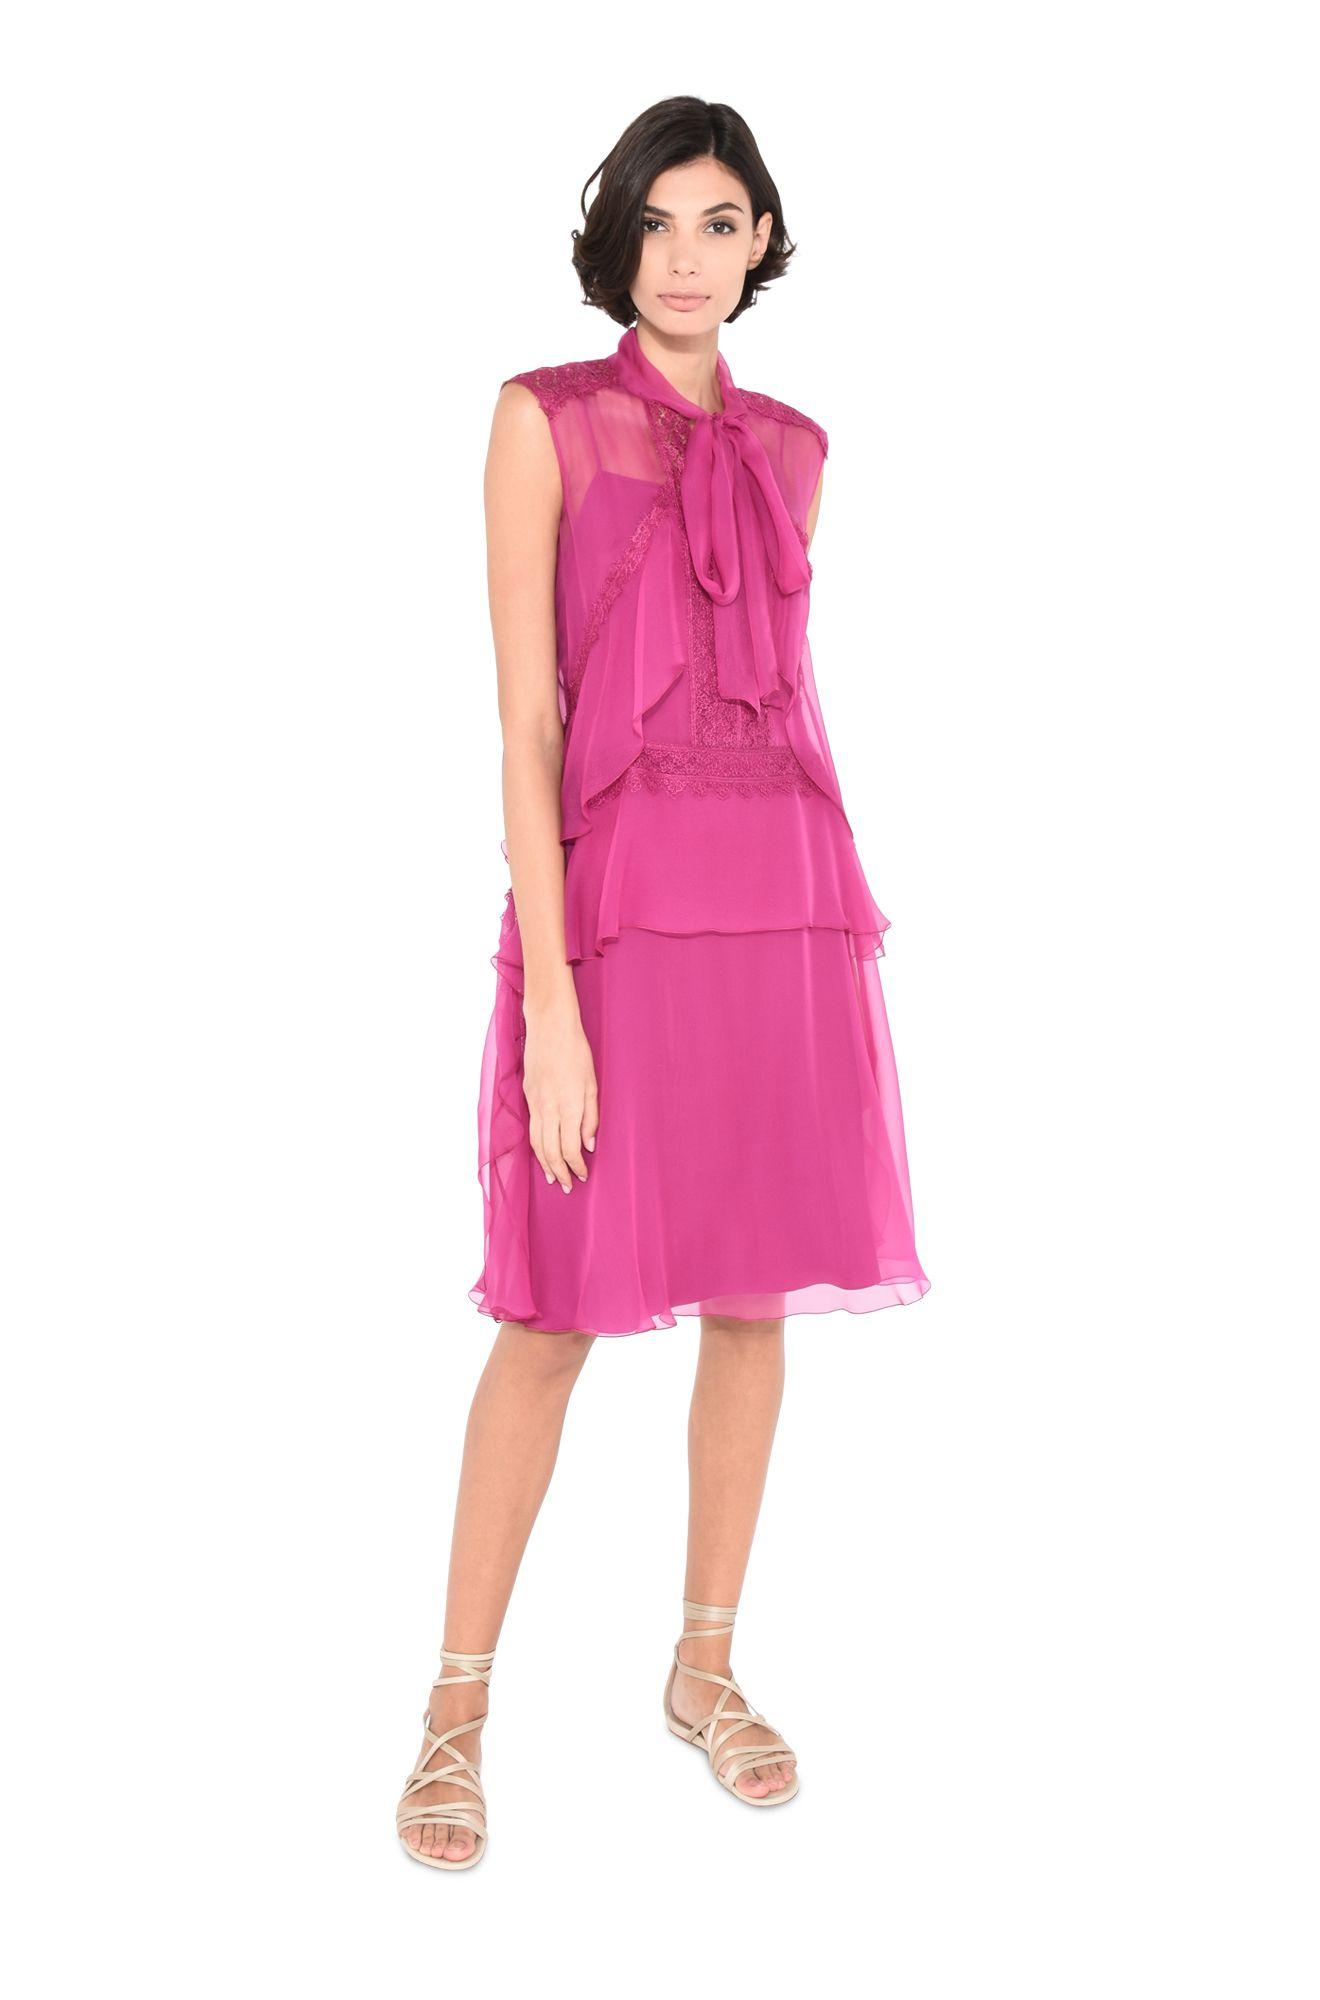 Kleid mit Schleife am Ausschnitt